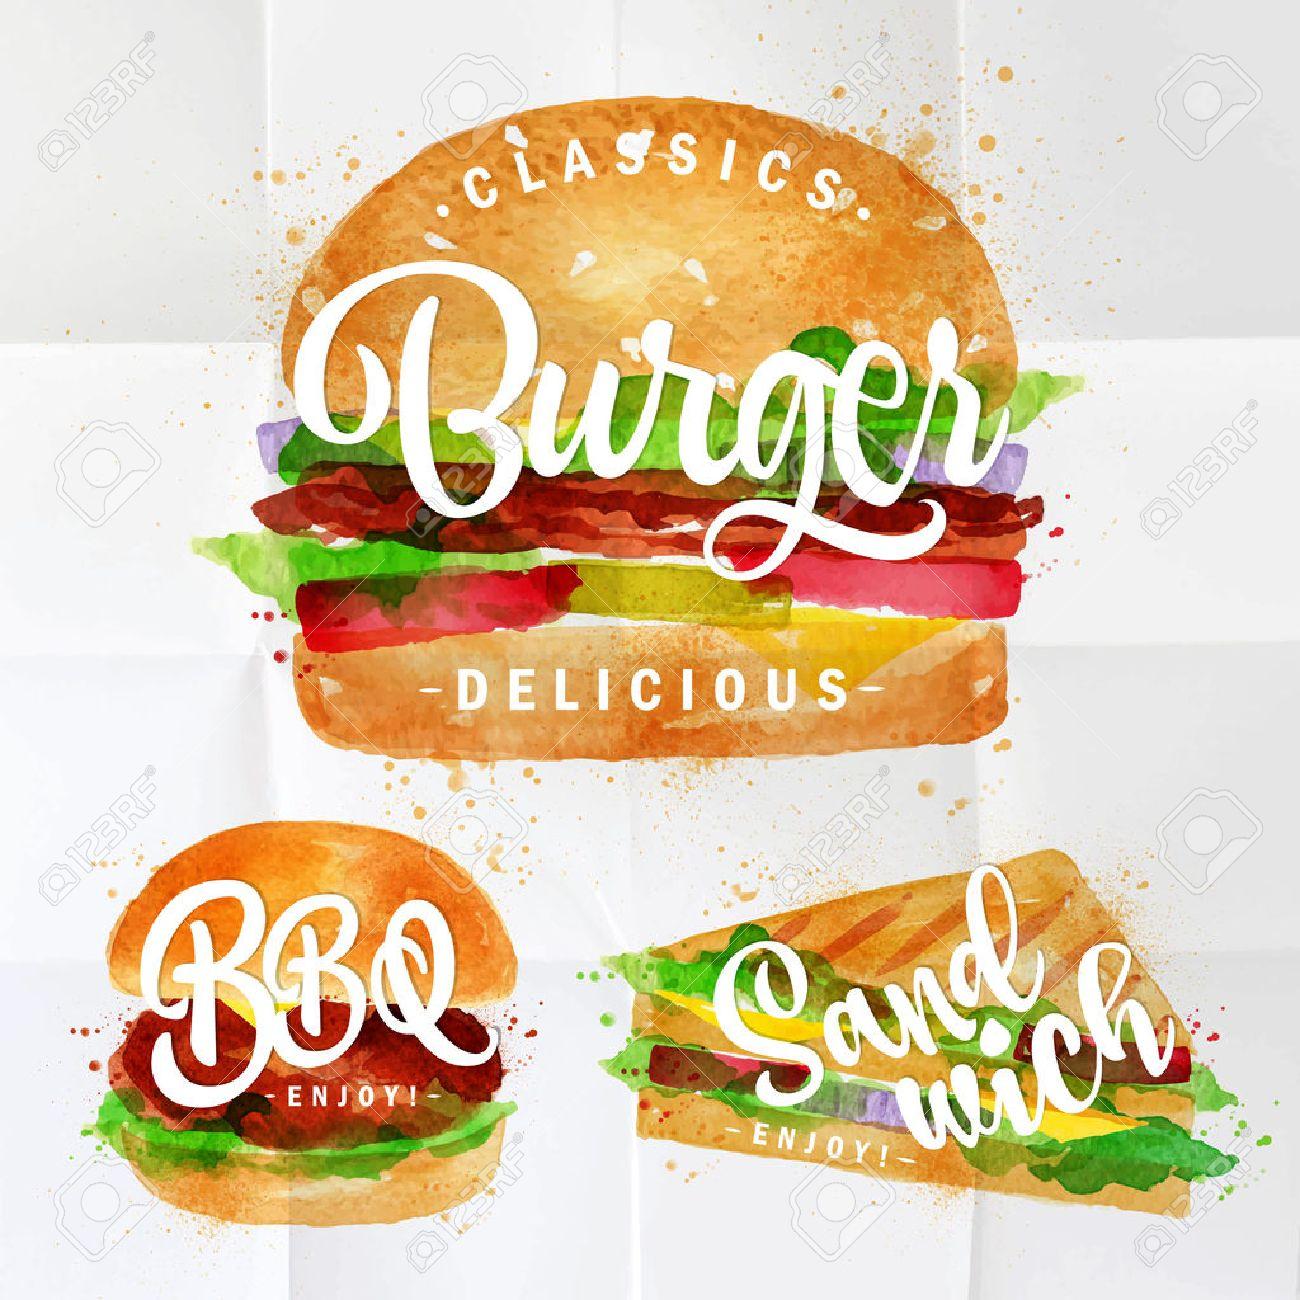 Ensemble De Hamburger Classique Bbq Hamburger Et Sandwich A Dessin